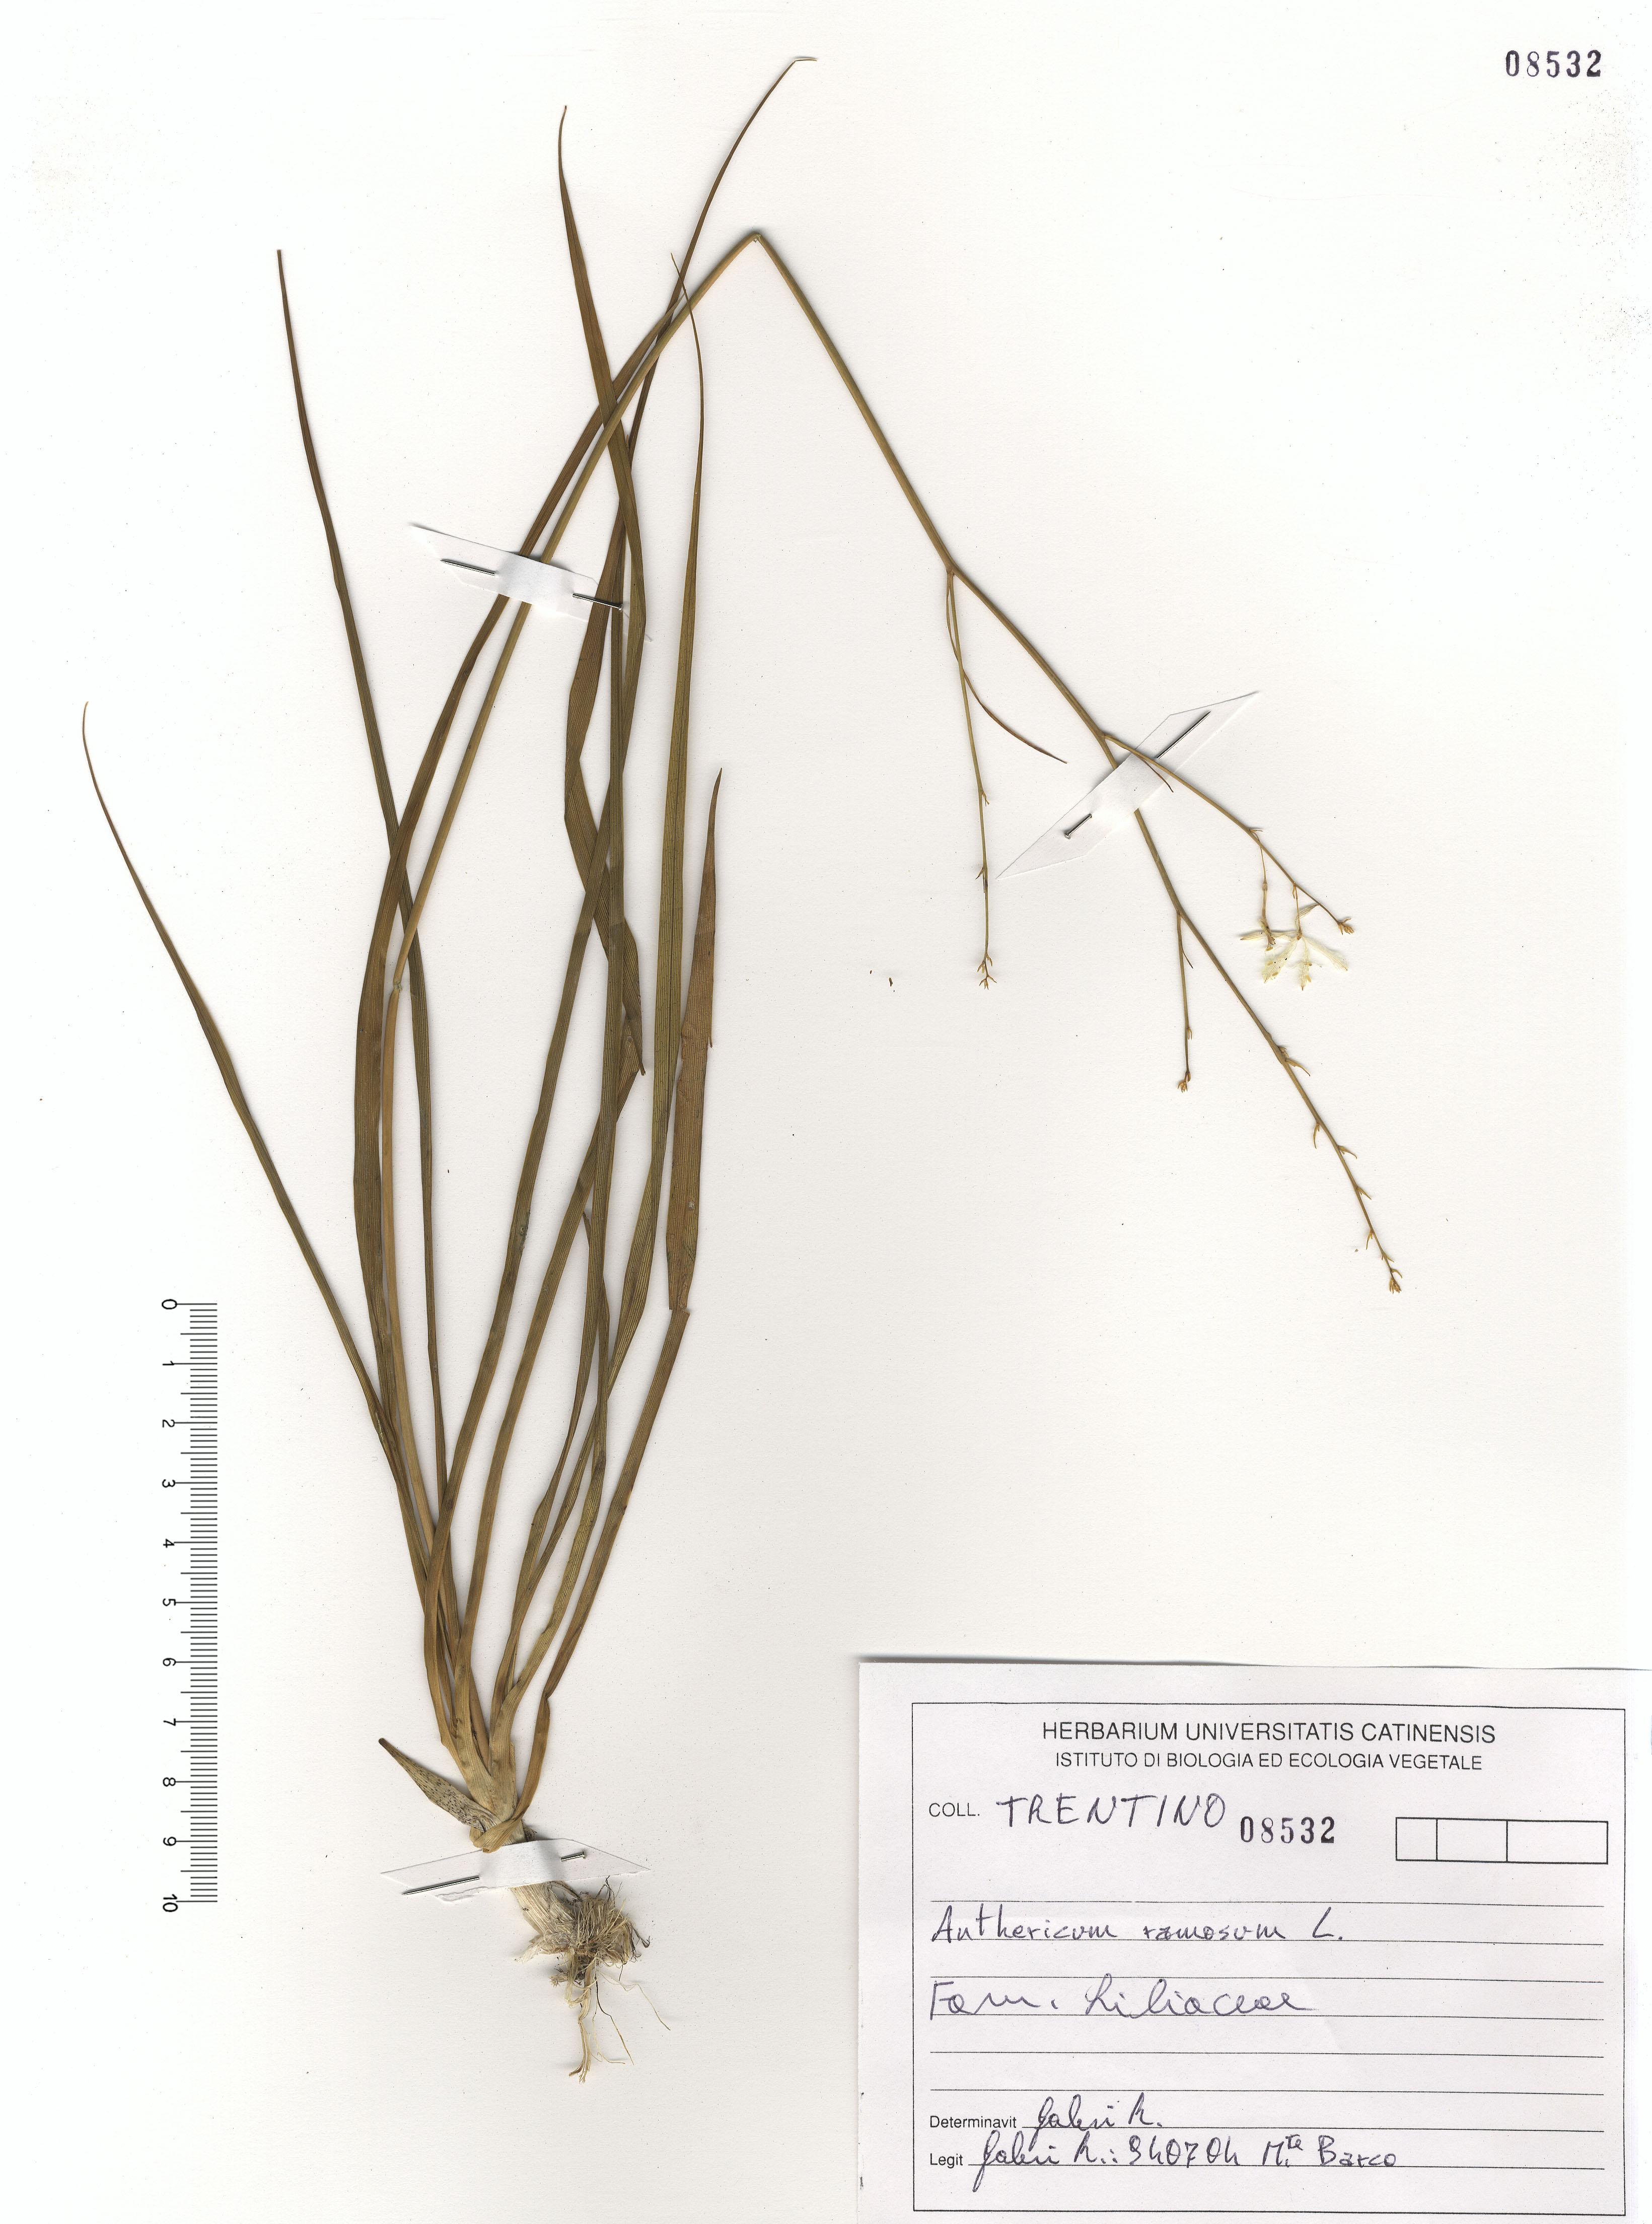 © Hortus Botanicus Catinensis - Herb. sheet 108532<br>